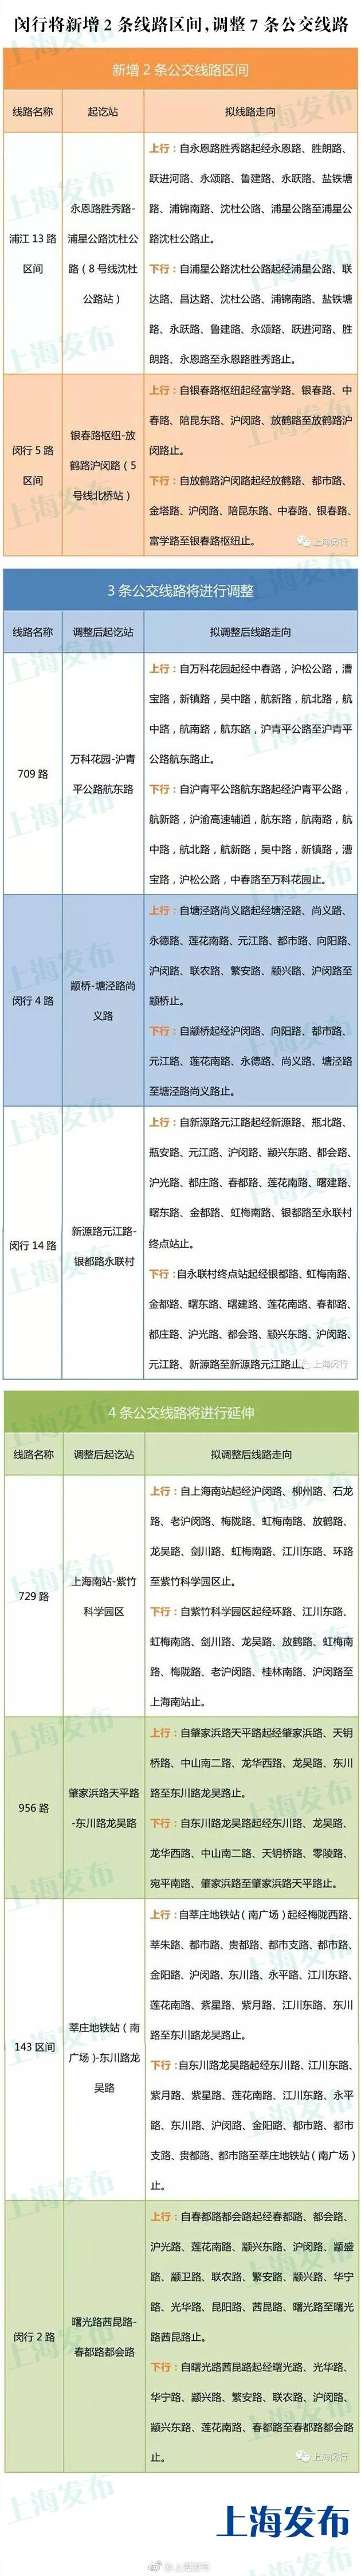 上海闵行新增2条区间线 7条公交线路调整